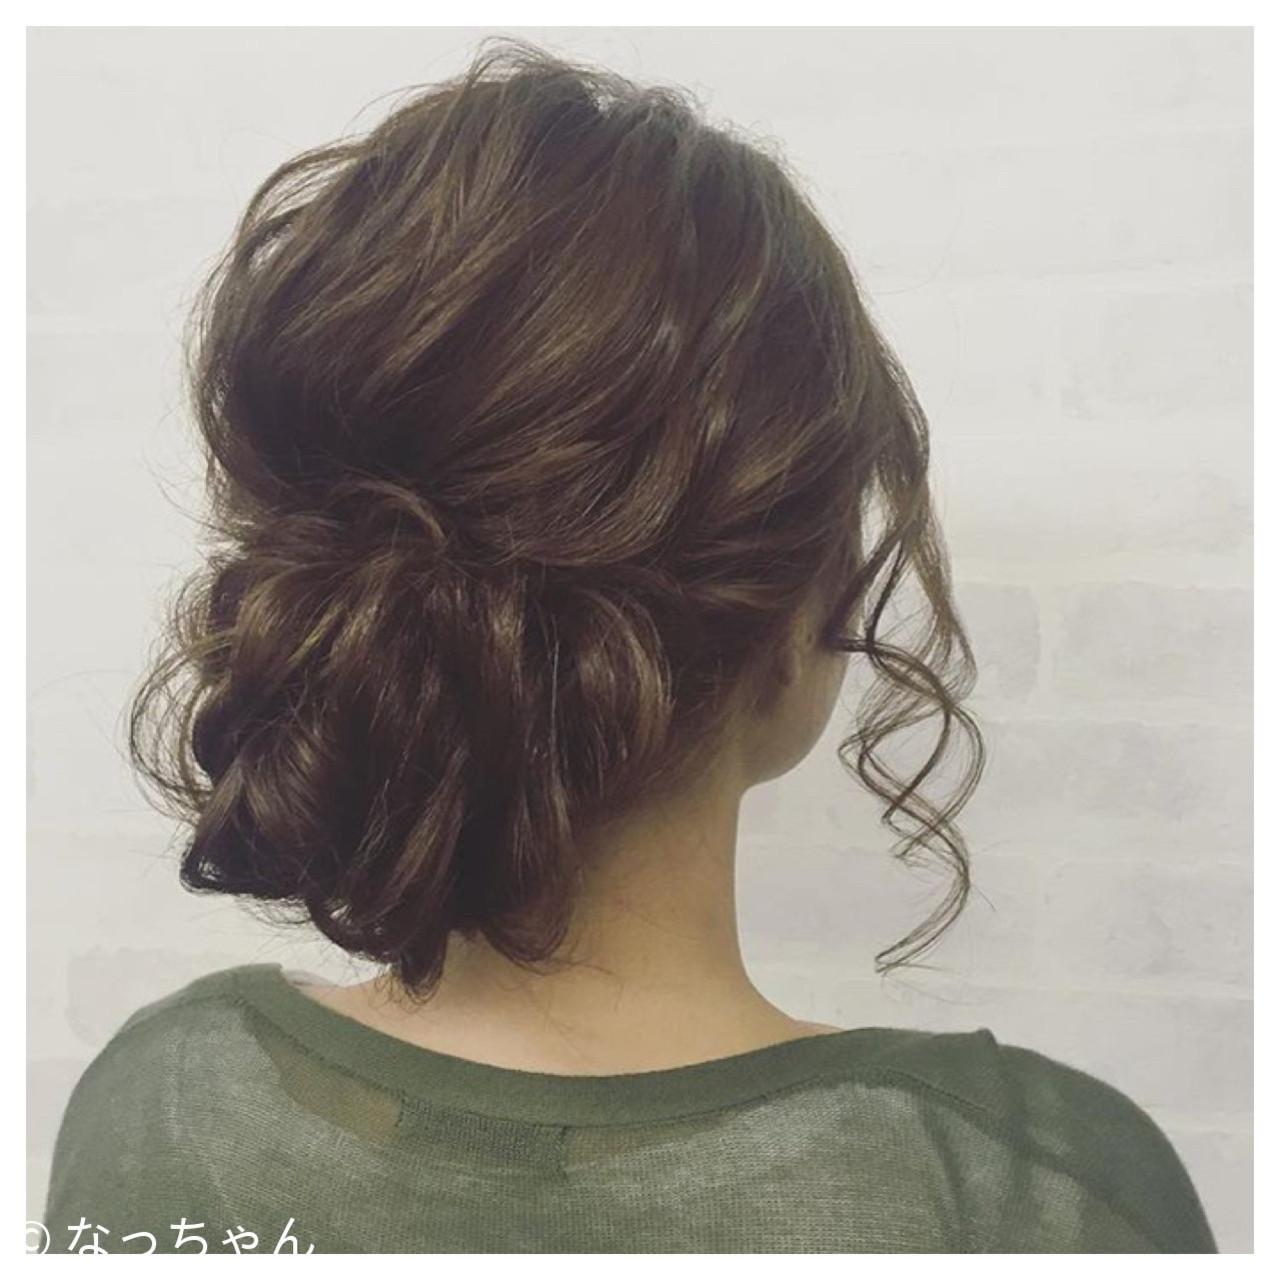 アップスタイル ロング パーティ ヘアアレンジ ヘアスタイルや髪型の写真・画像 | なっちゃん / G-girl